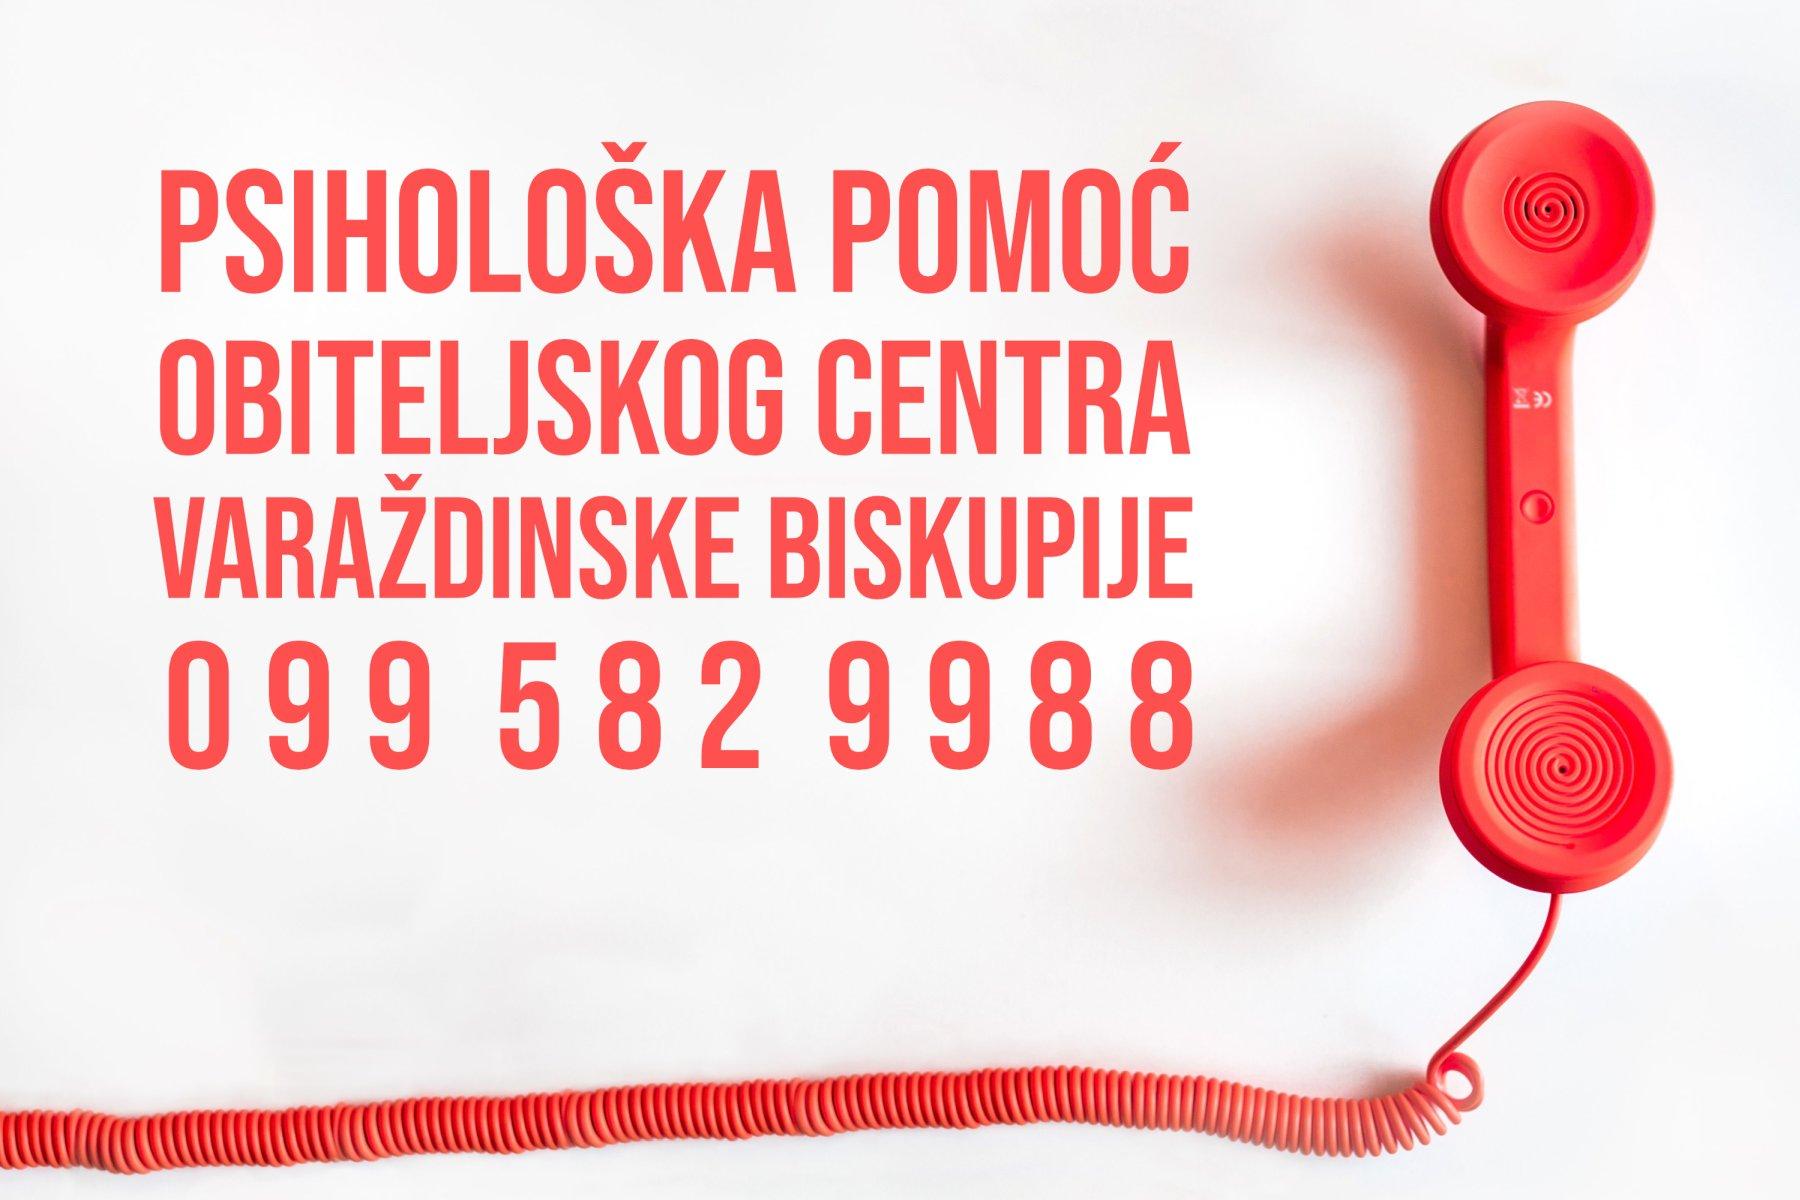 Obiteljski centar Varaždinske biskupije odsada nudi uslugu psihološke pomoći i savjetovanja